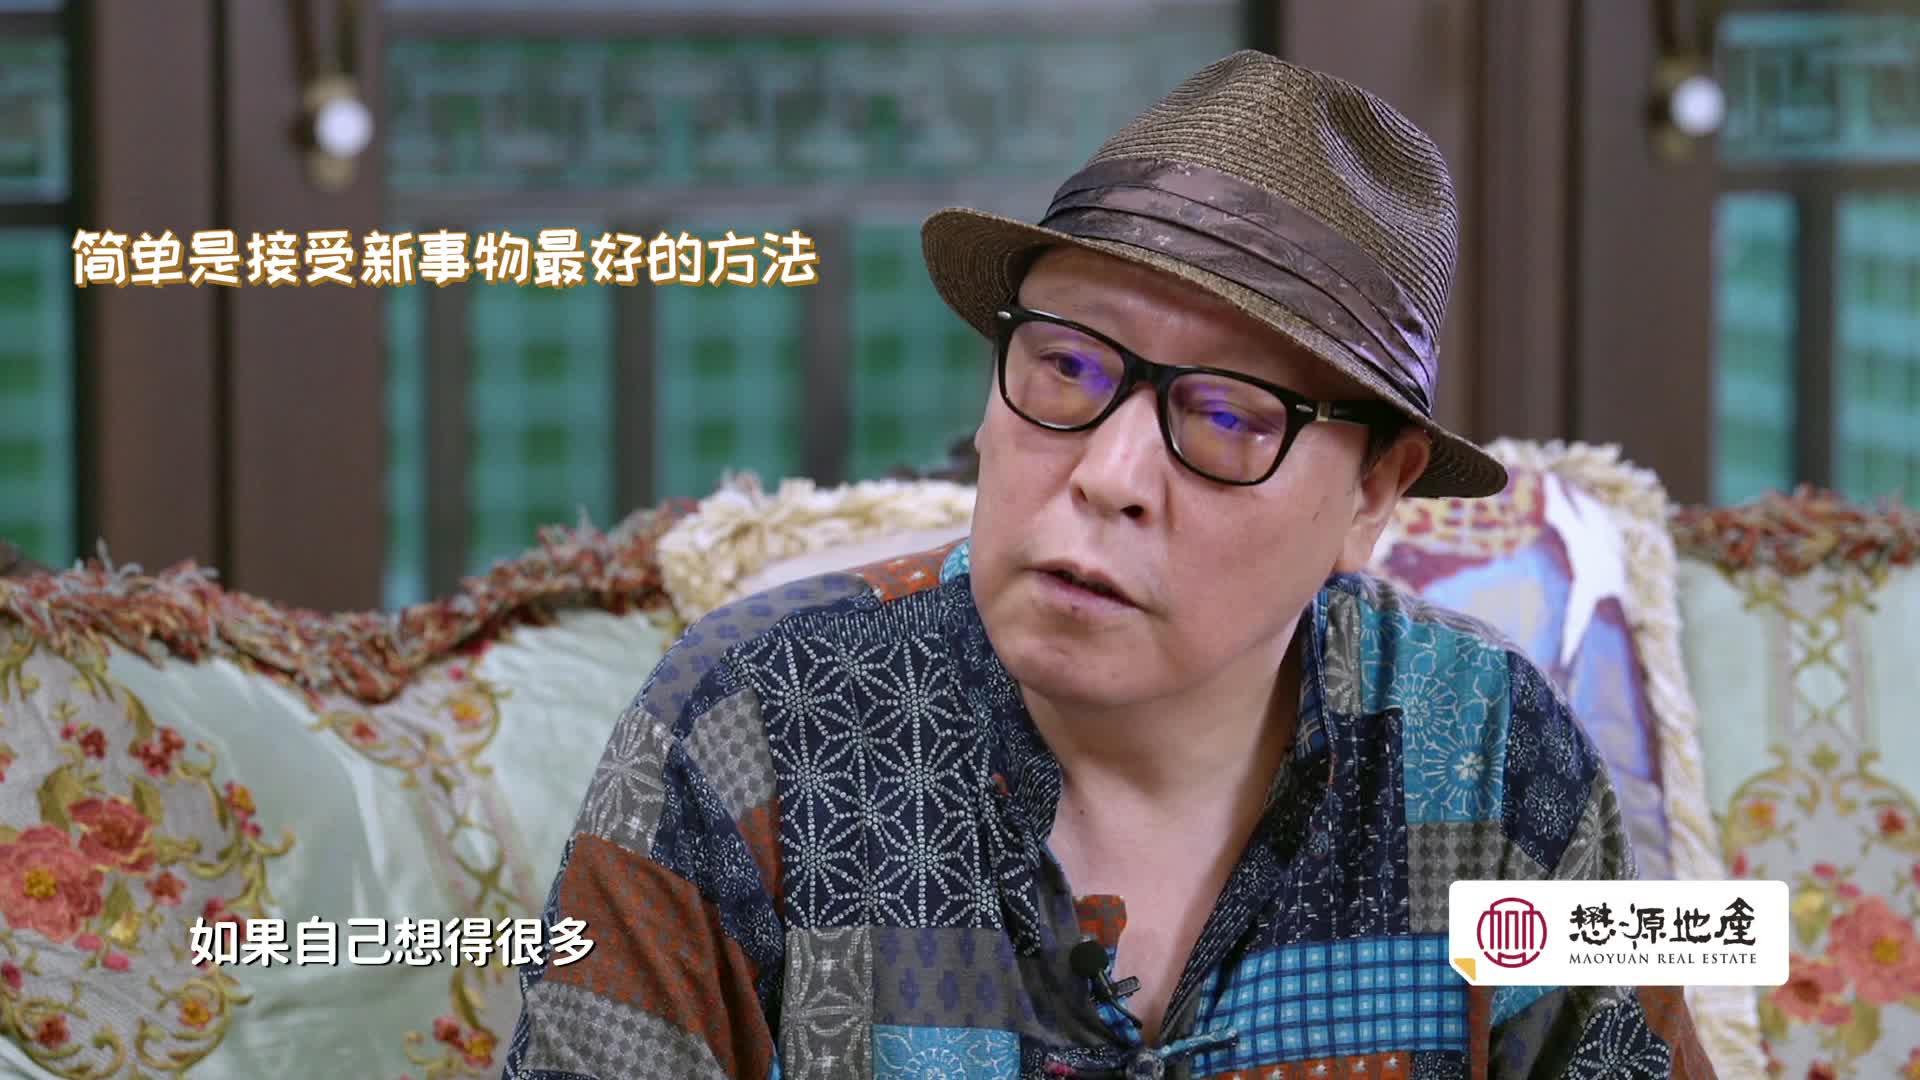 """《这局有料儿》倪大红回应""""面瘫式""""演技 演员要不忘初心"""